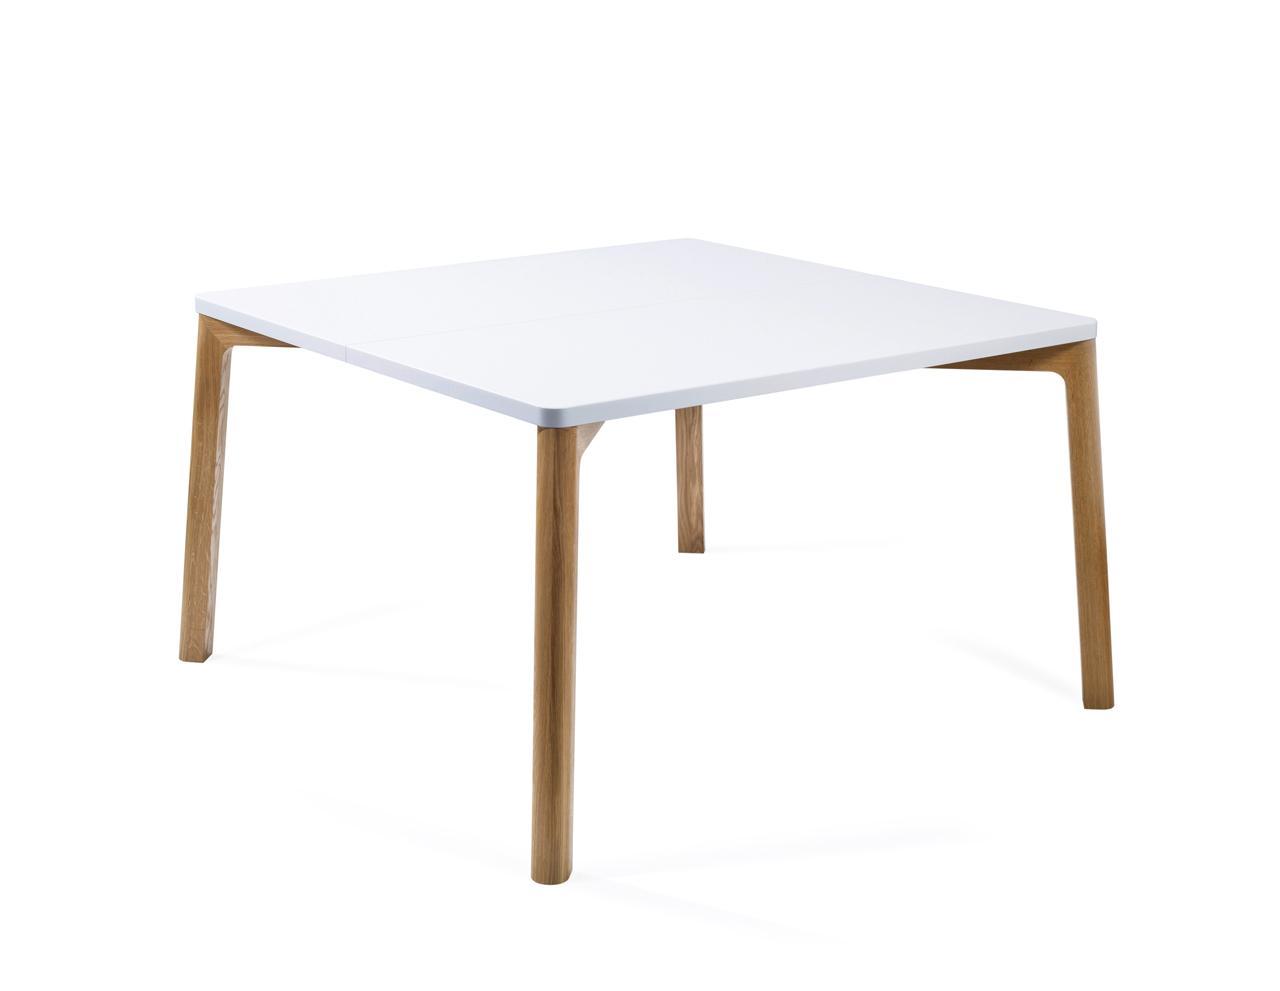 Esstisch in eiche wei 140 cm for Design esstisch 140